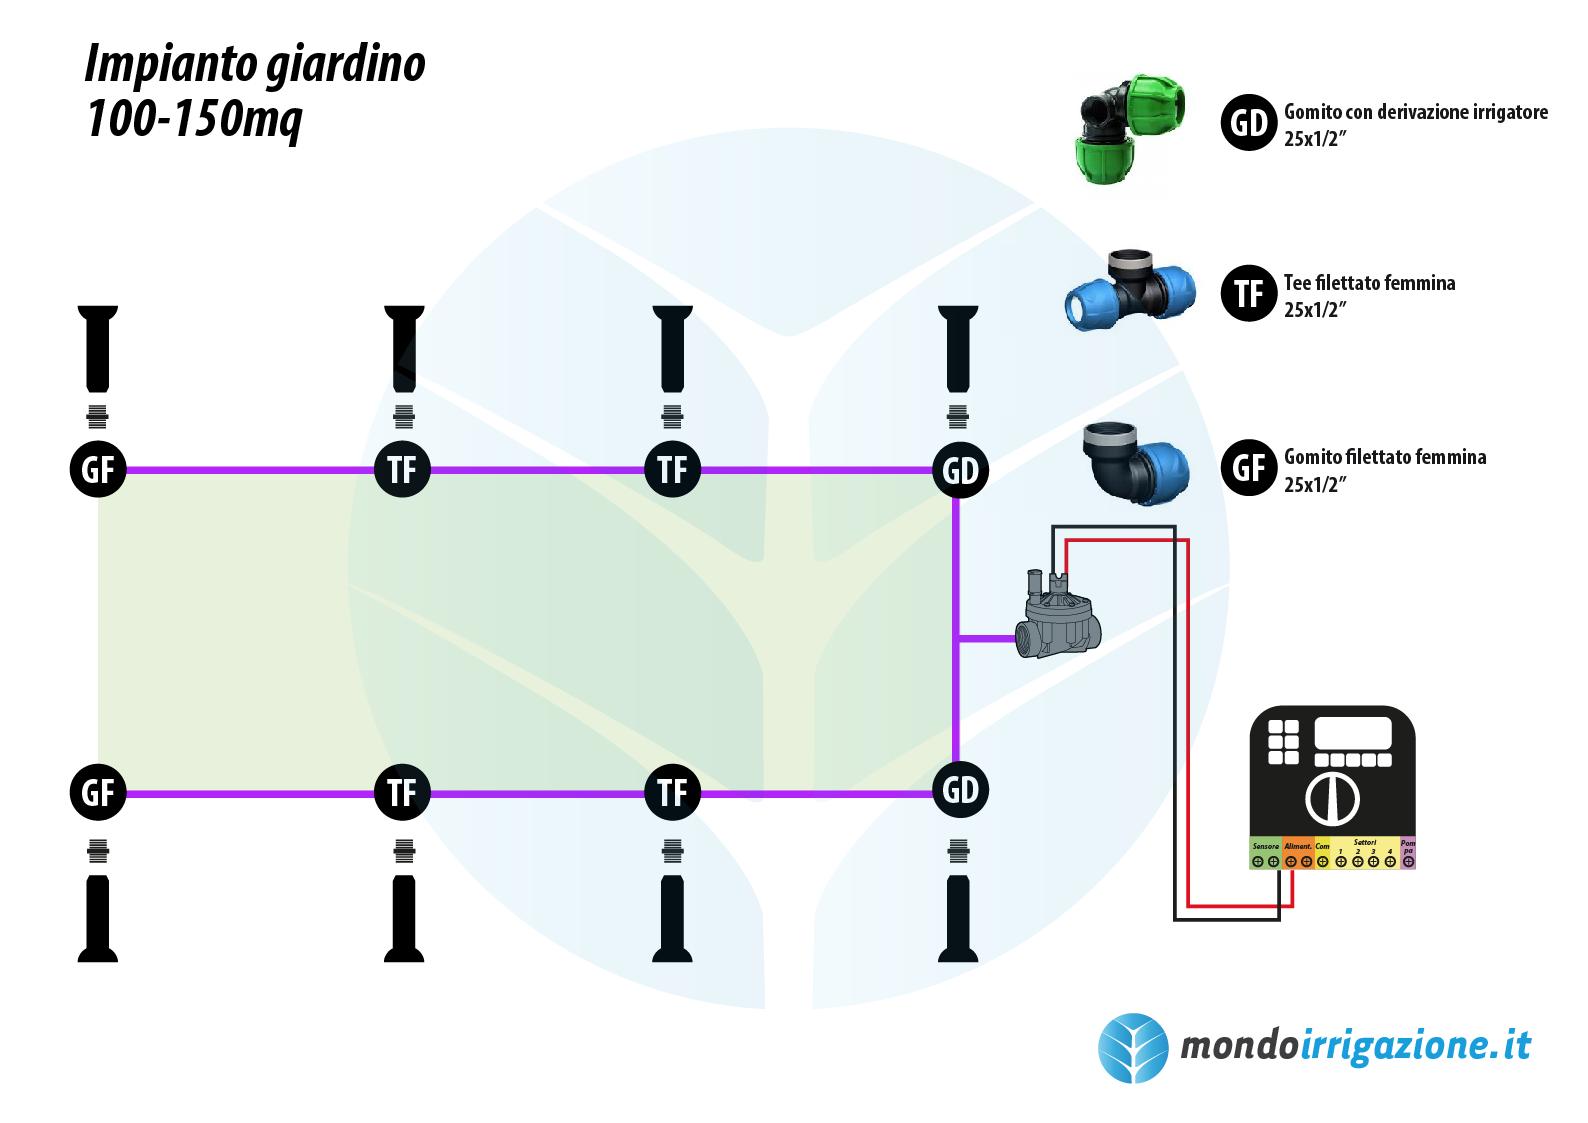 costo impianto idraulico appartamento 100 mq